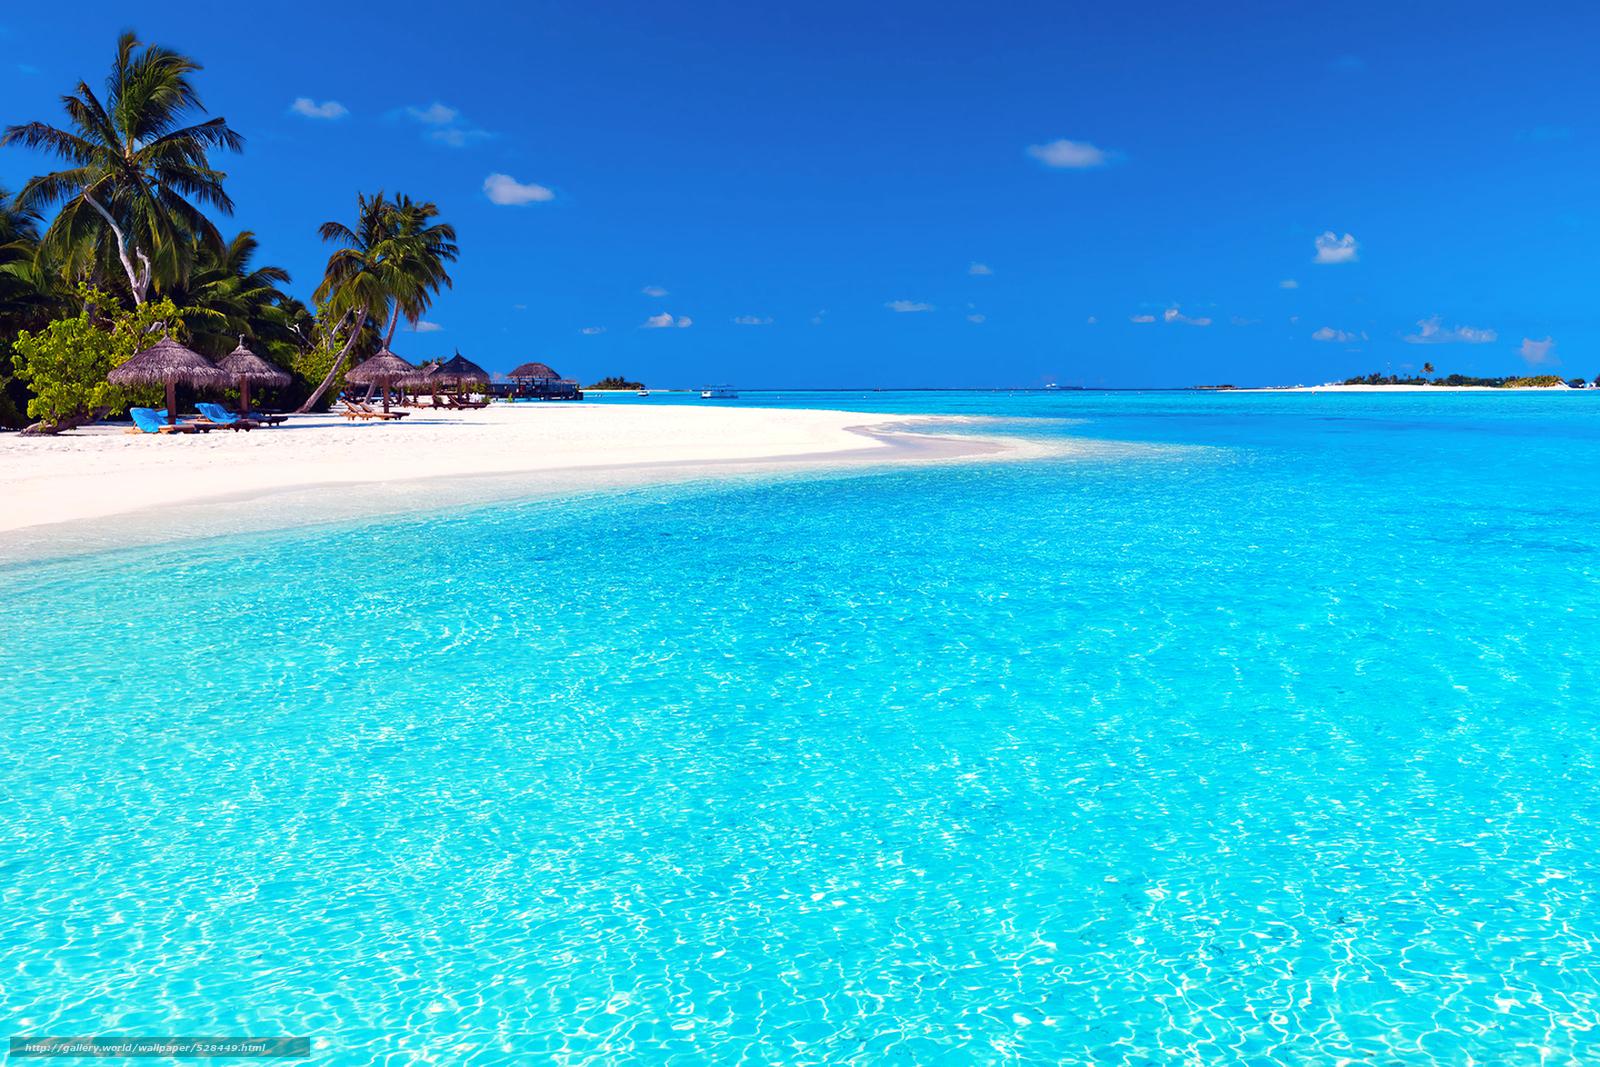 Tlcharger fond d 39 ecran maldives des tropiques plage for Fond ecran plage gratuit